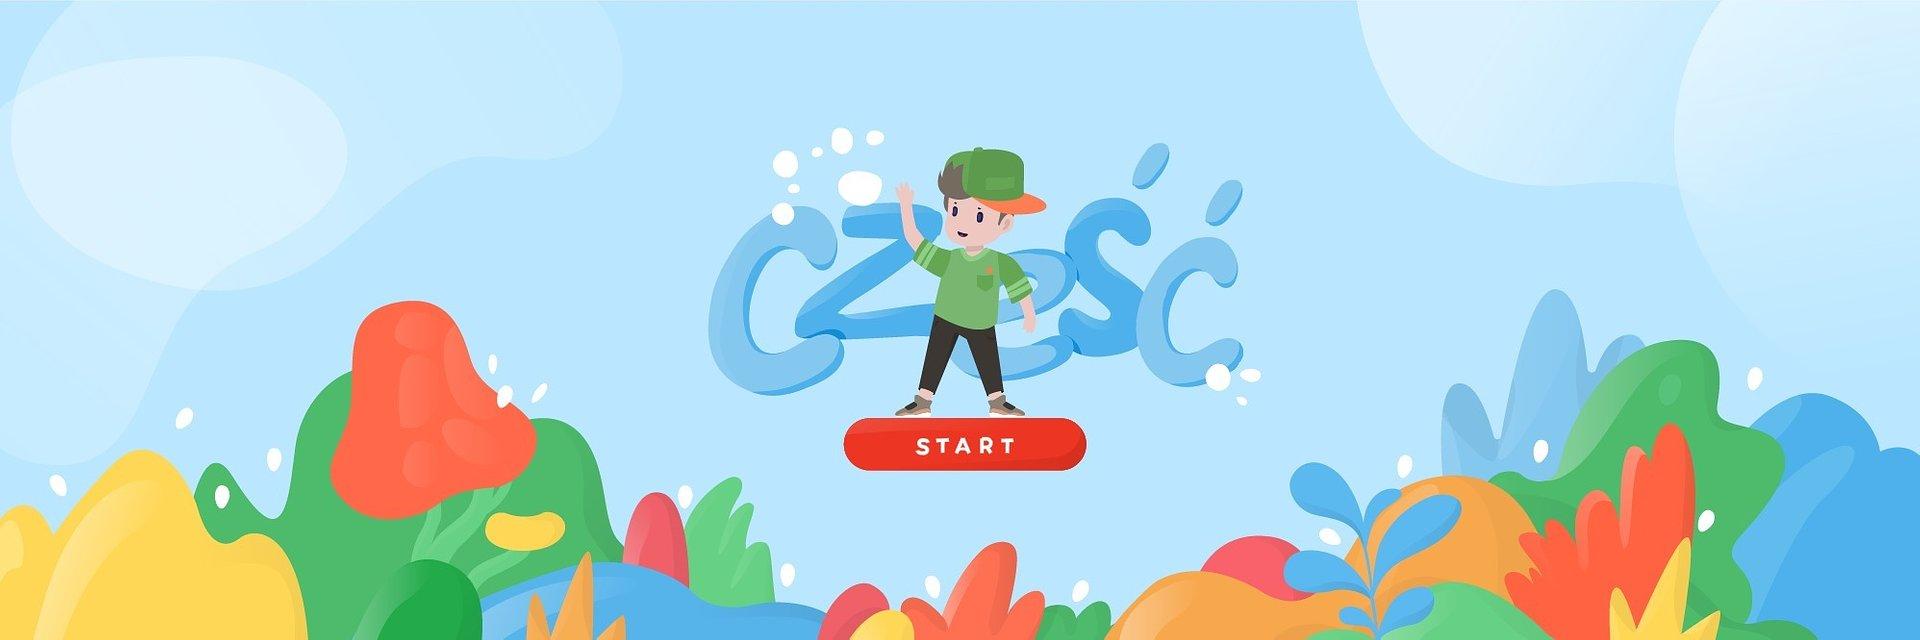 Czy można podać koledze PIN do karty? BBDO przygotowało animację edukacyjną dla najmłodszych klientów mBanku